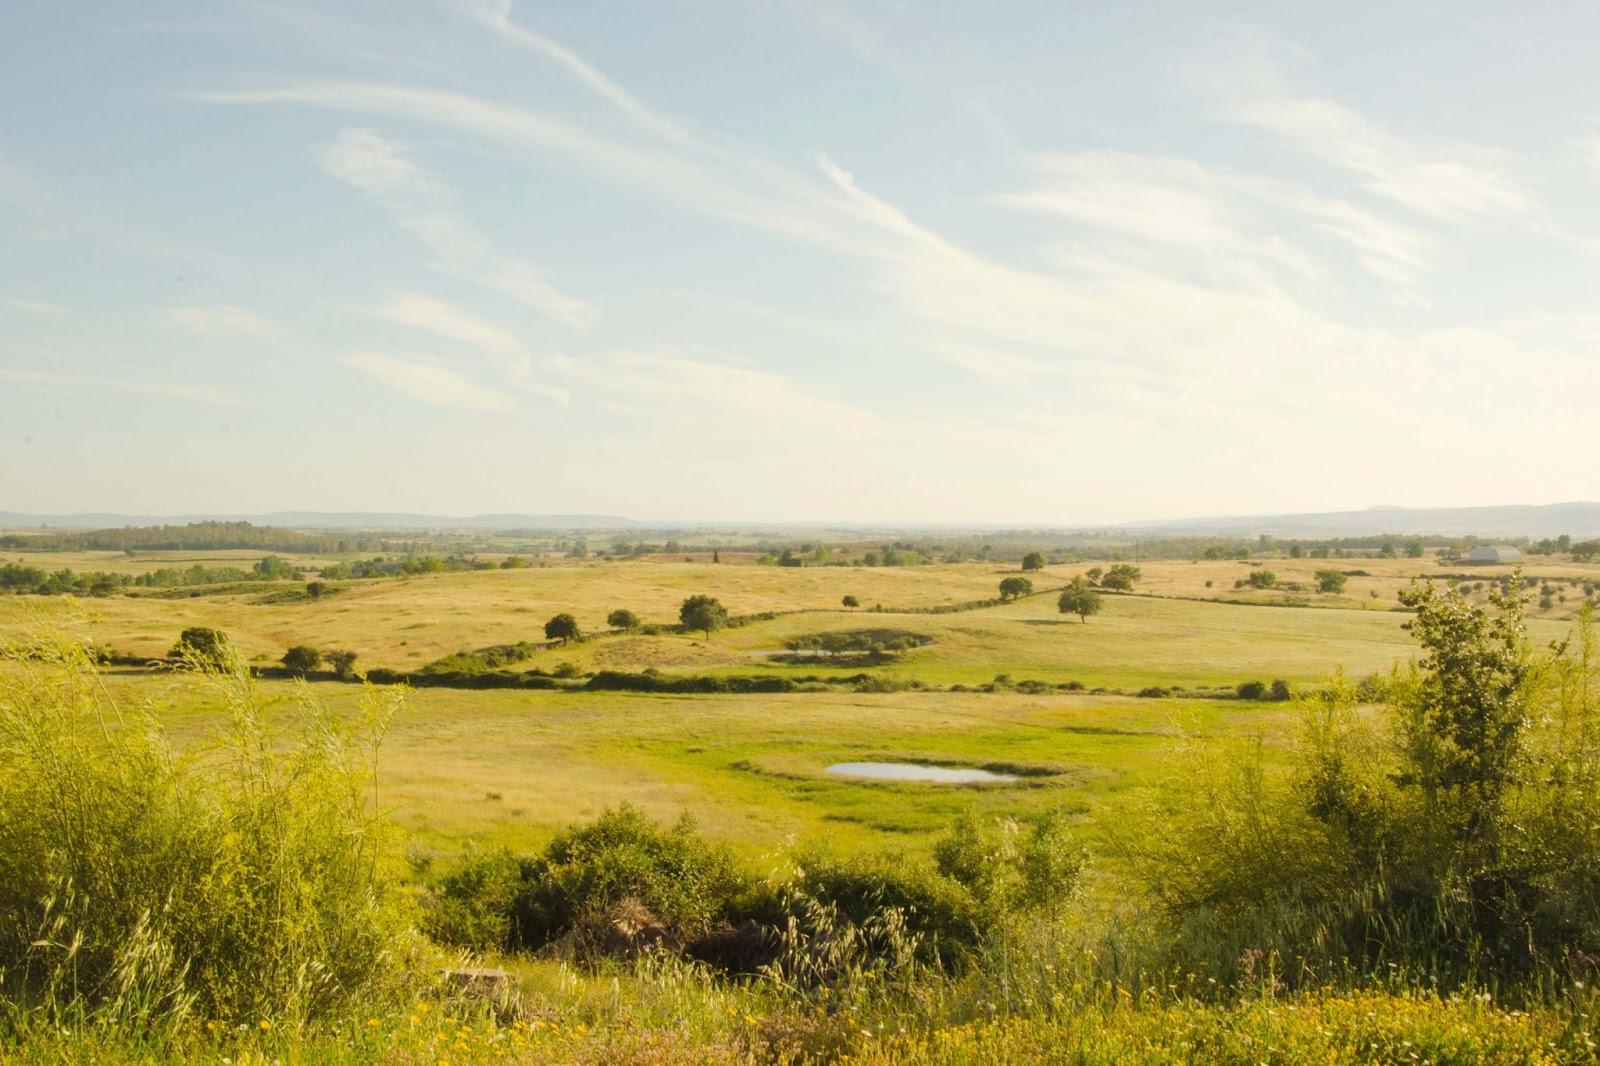 beira baixa - spring - countryside - simple life